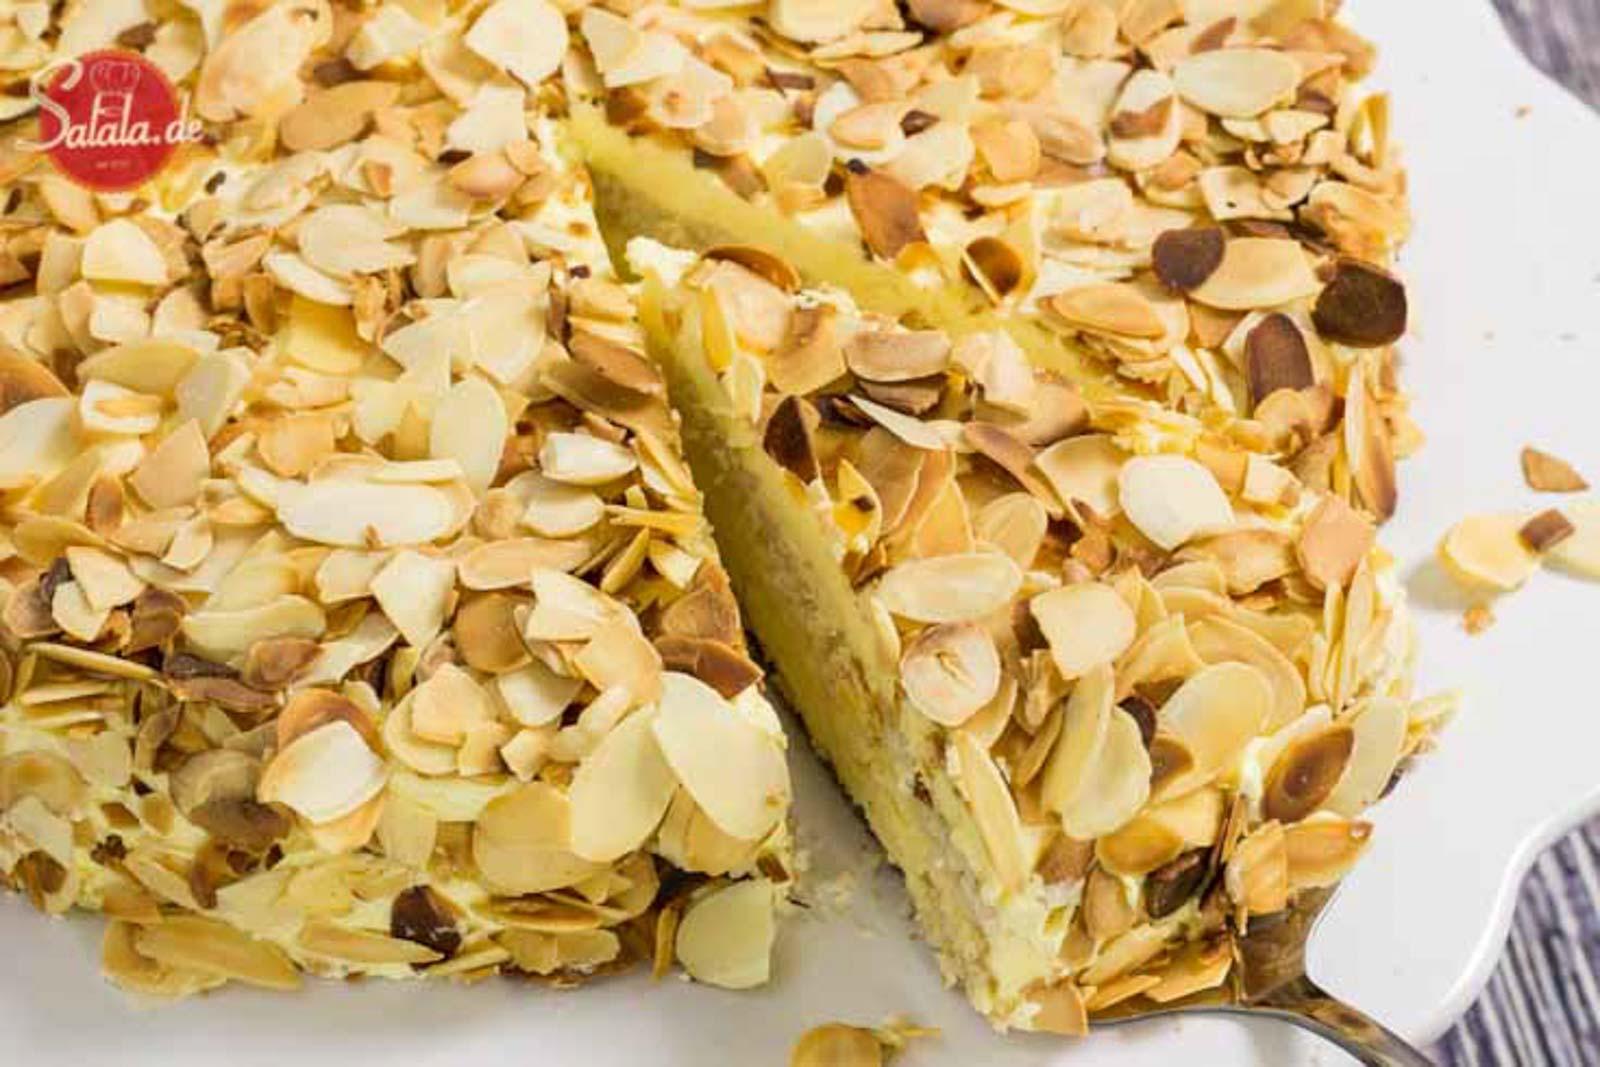 Schwedische Mandeltorte nach Sallys Tortenwelt als Low Carb Rezept ohne Zucker und glutenfrei salala.de Selber machen